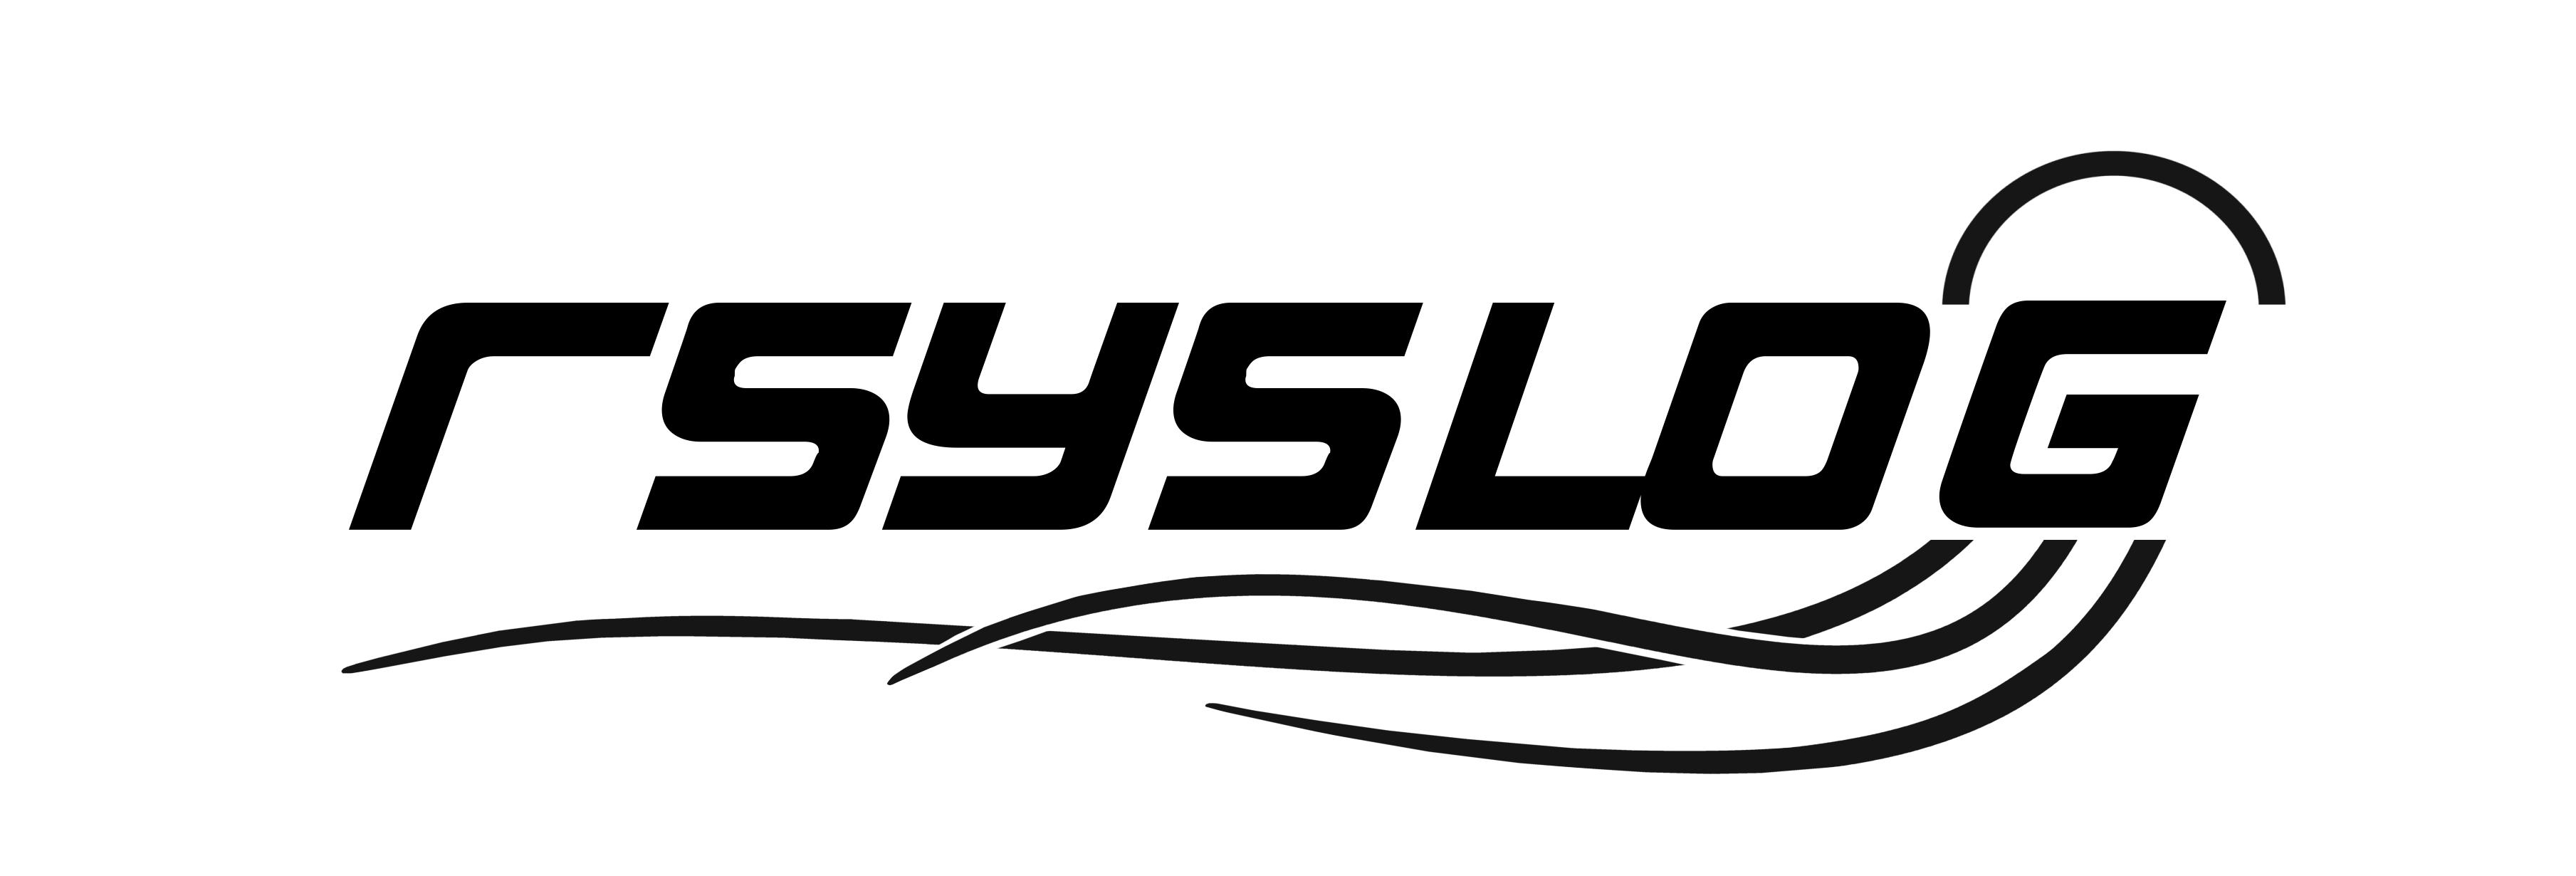 rsyslog-1.png